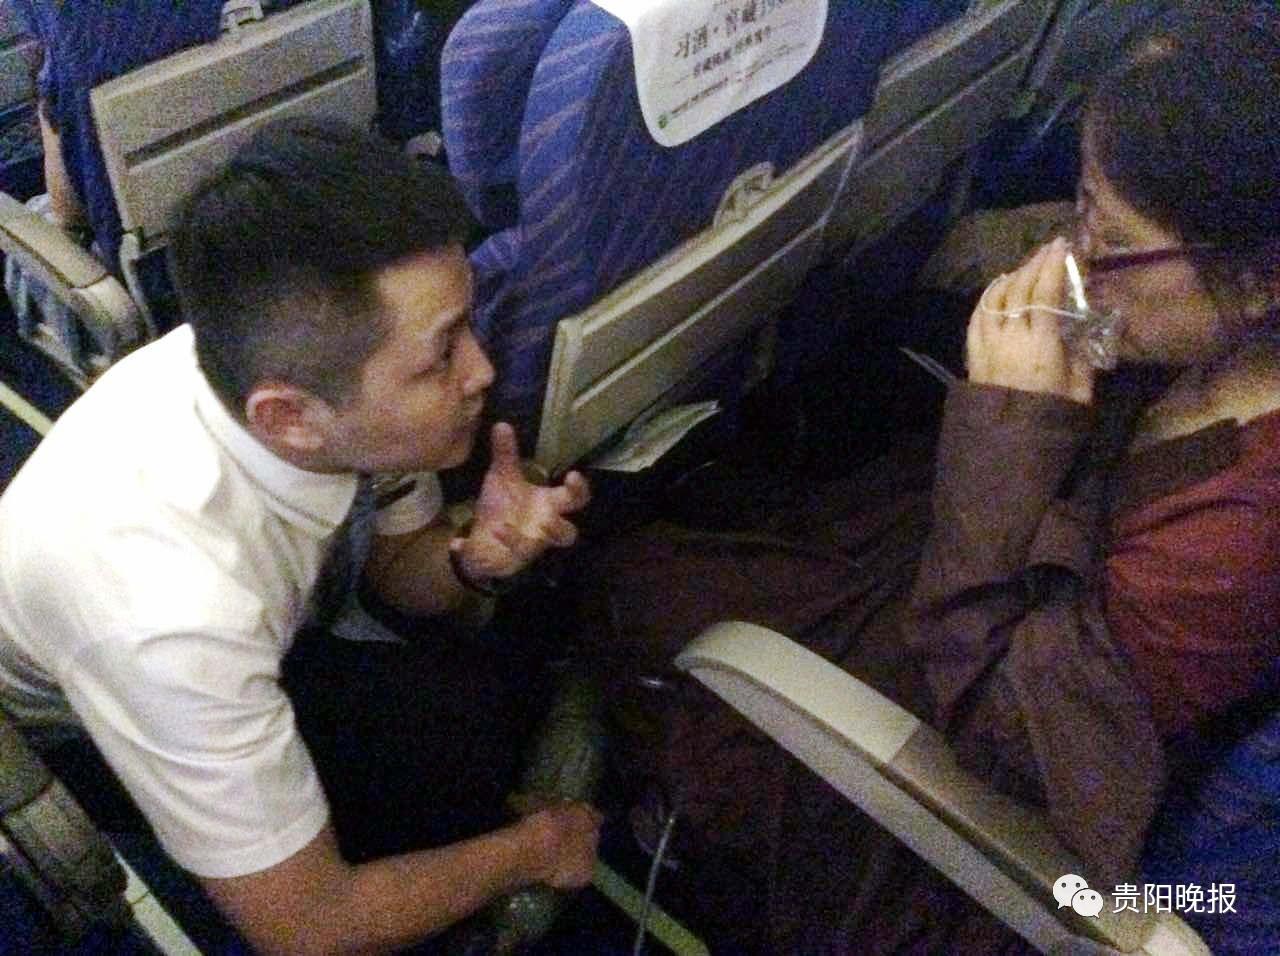 9月3日,贵阳倪女士从外地旅游回家时,在飞机上突发疾病,并伴有大小便